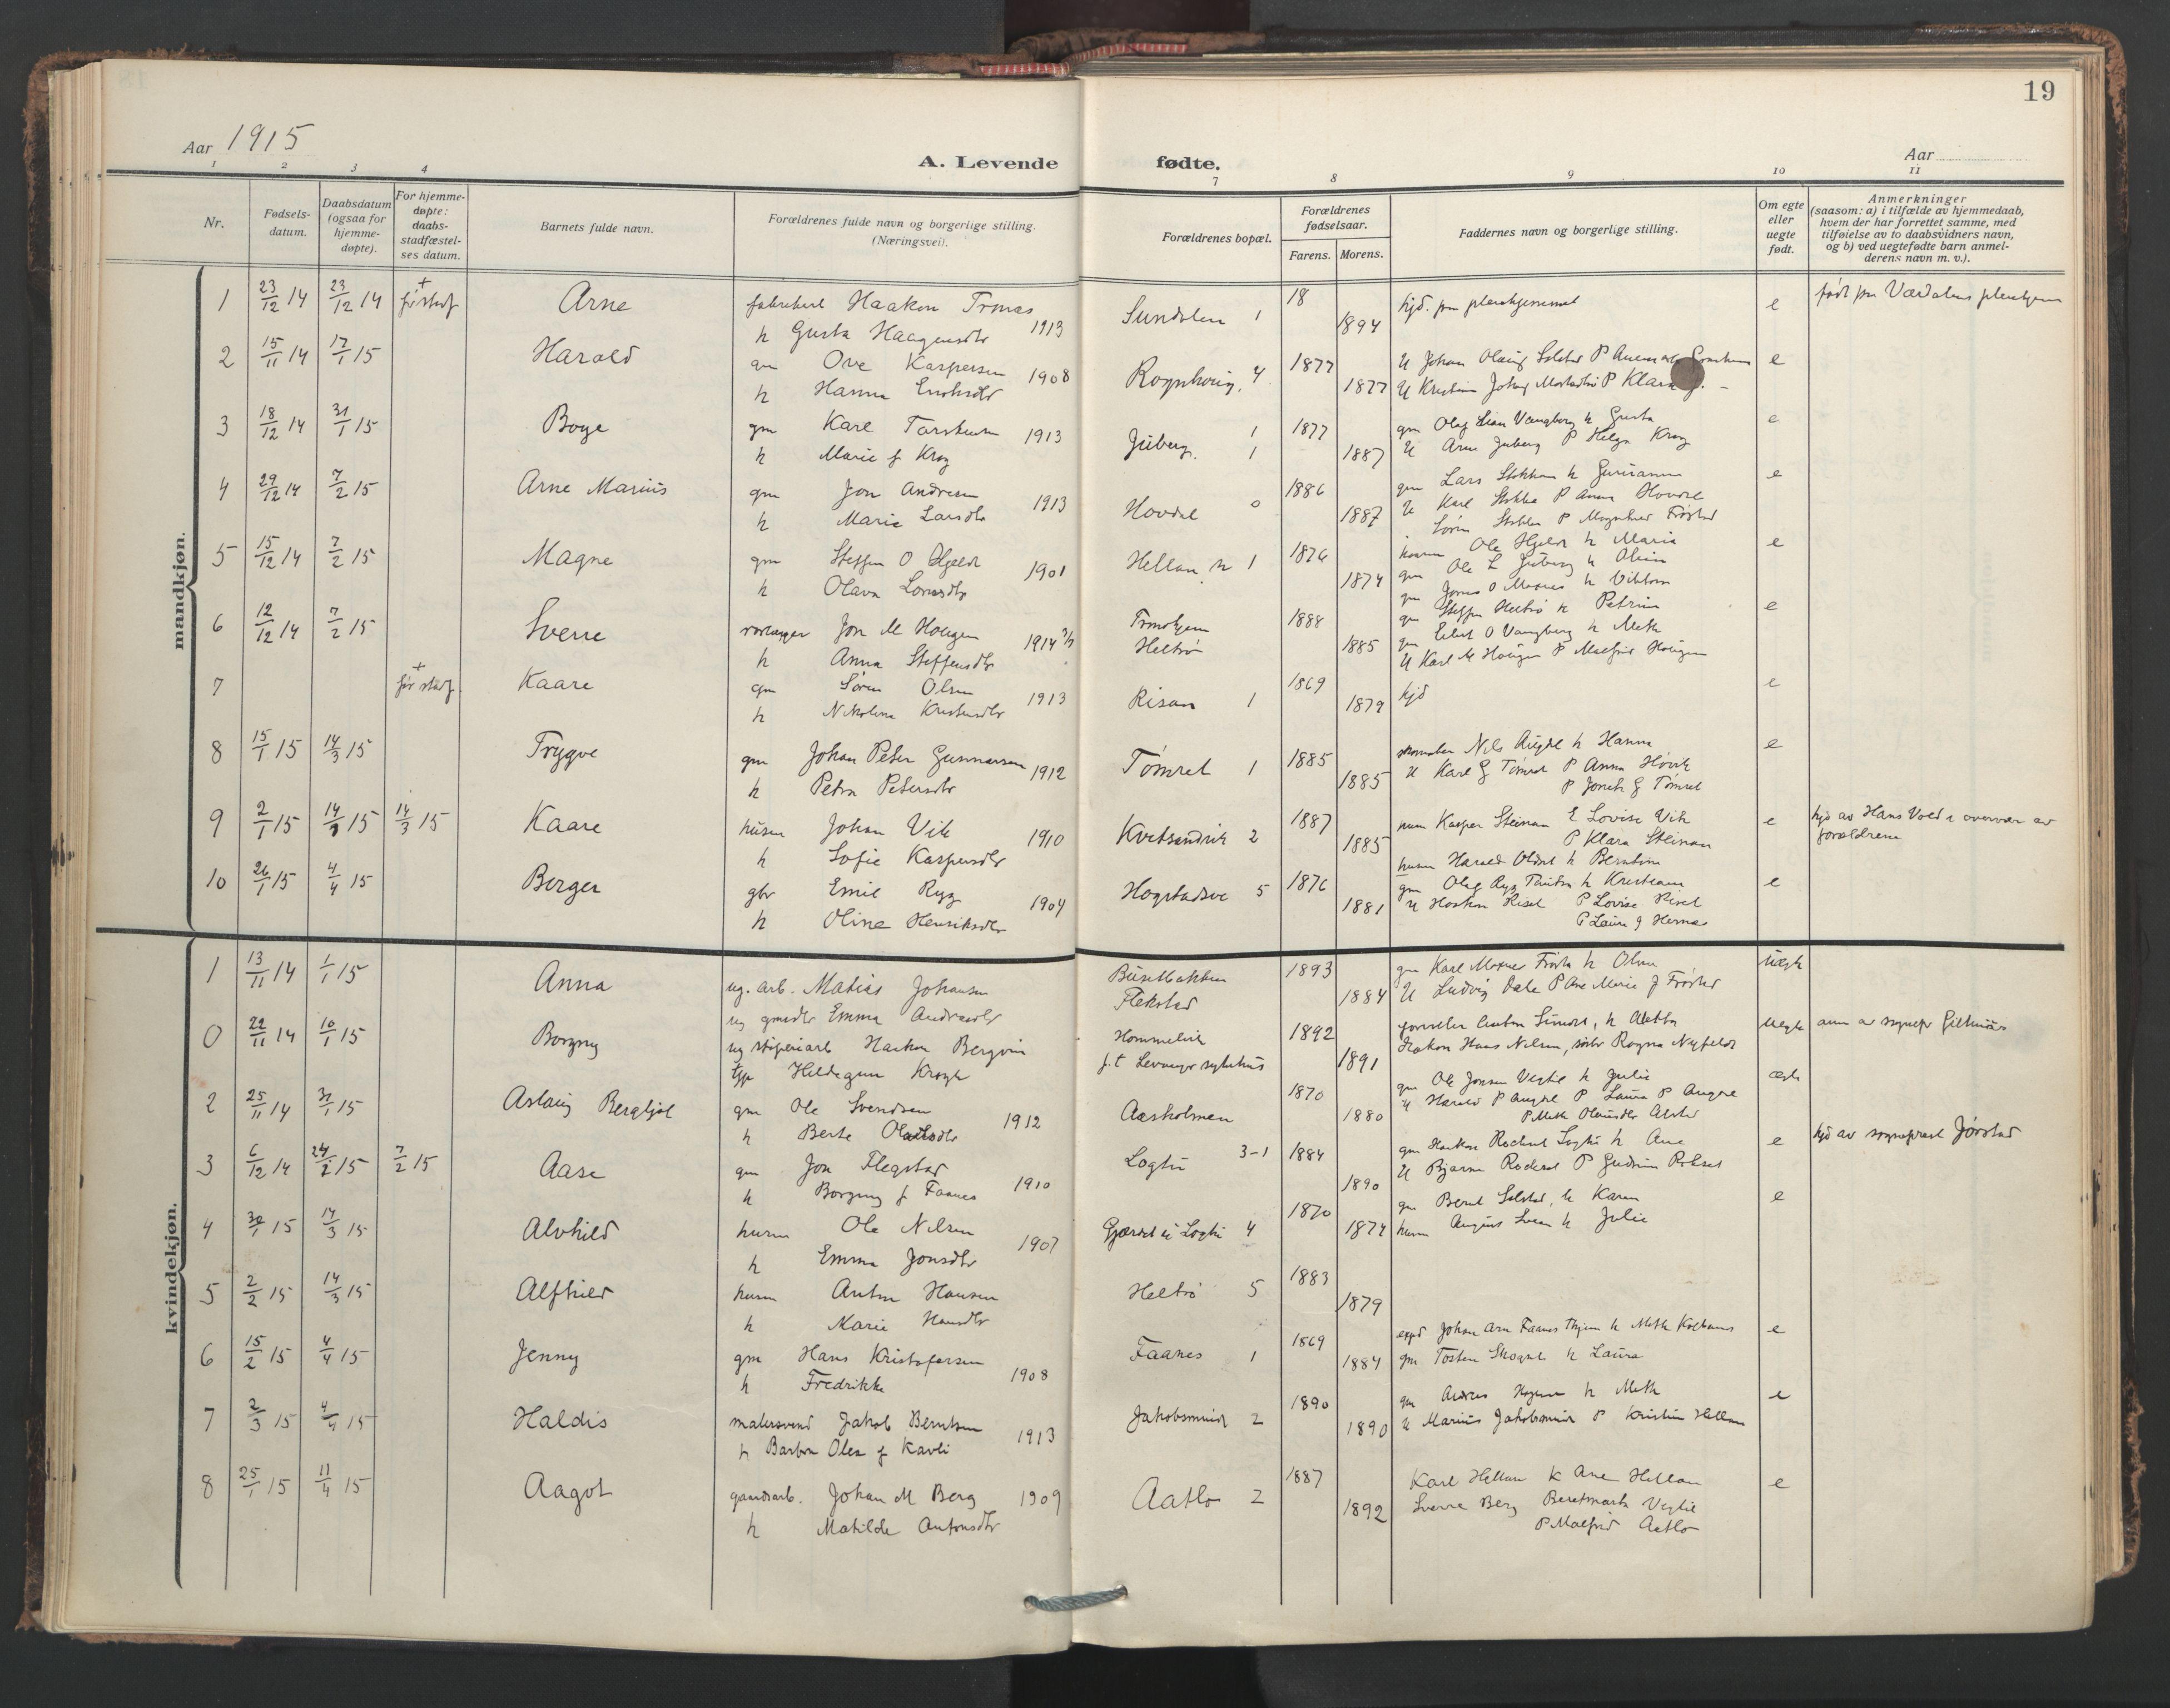 SAT, Ministerialprotokoller, klokkerbøker og fødselsregistre - Nord-Trøndelag, 713/L0123: Ministerialbok nr. 713A12, 1911-1925, s. 19